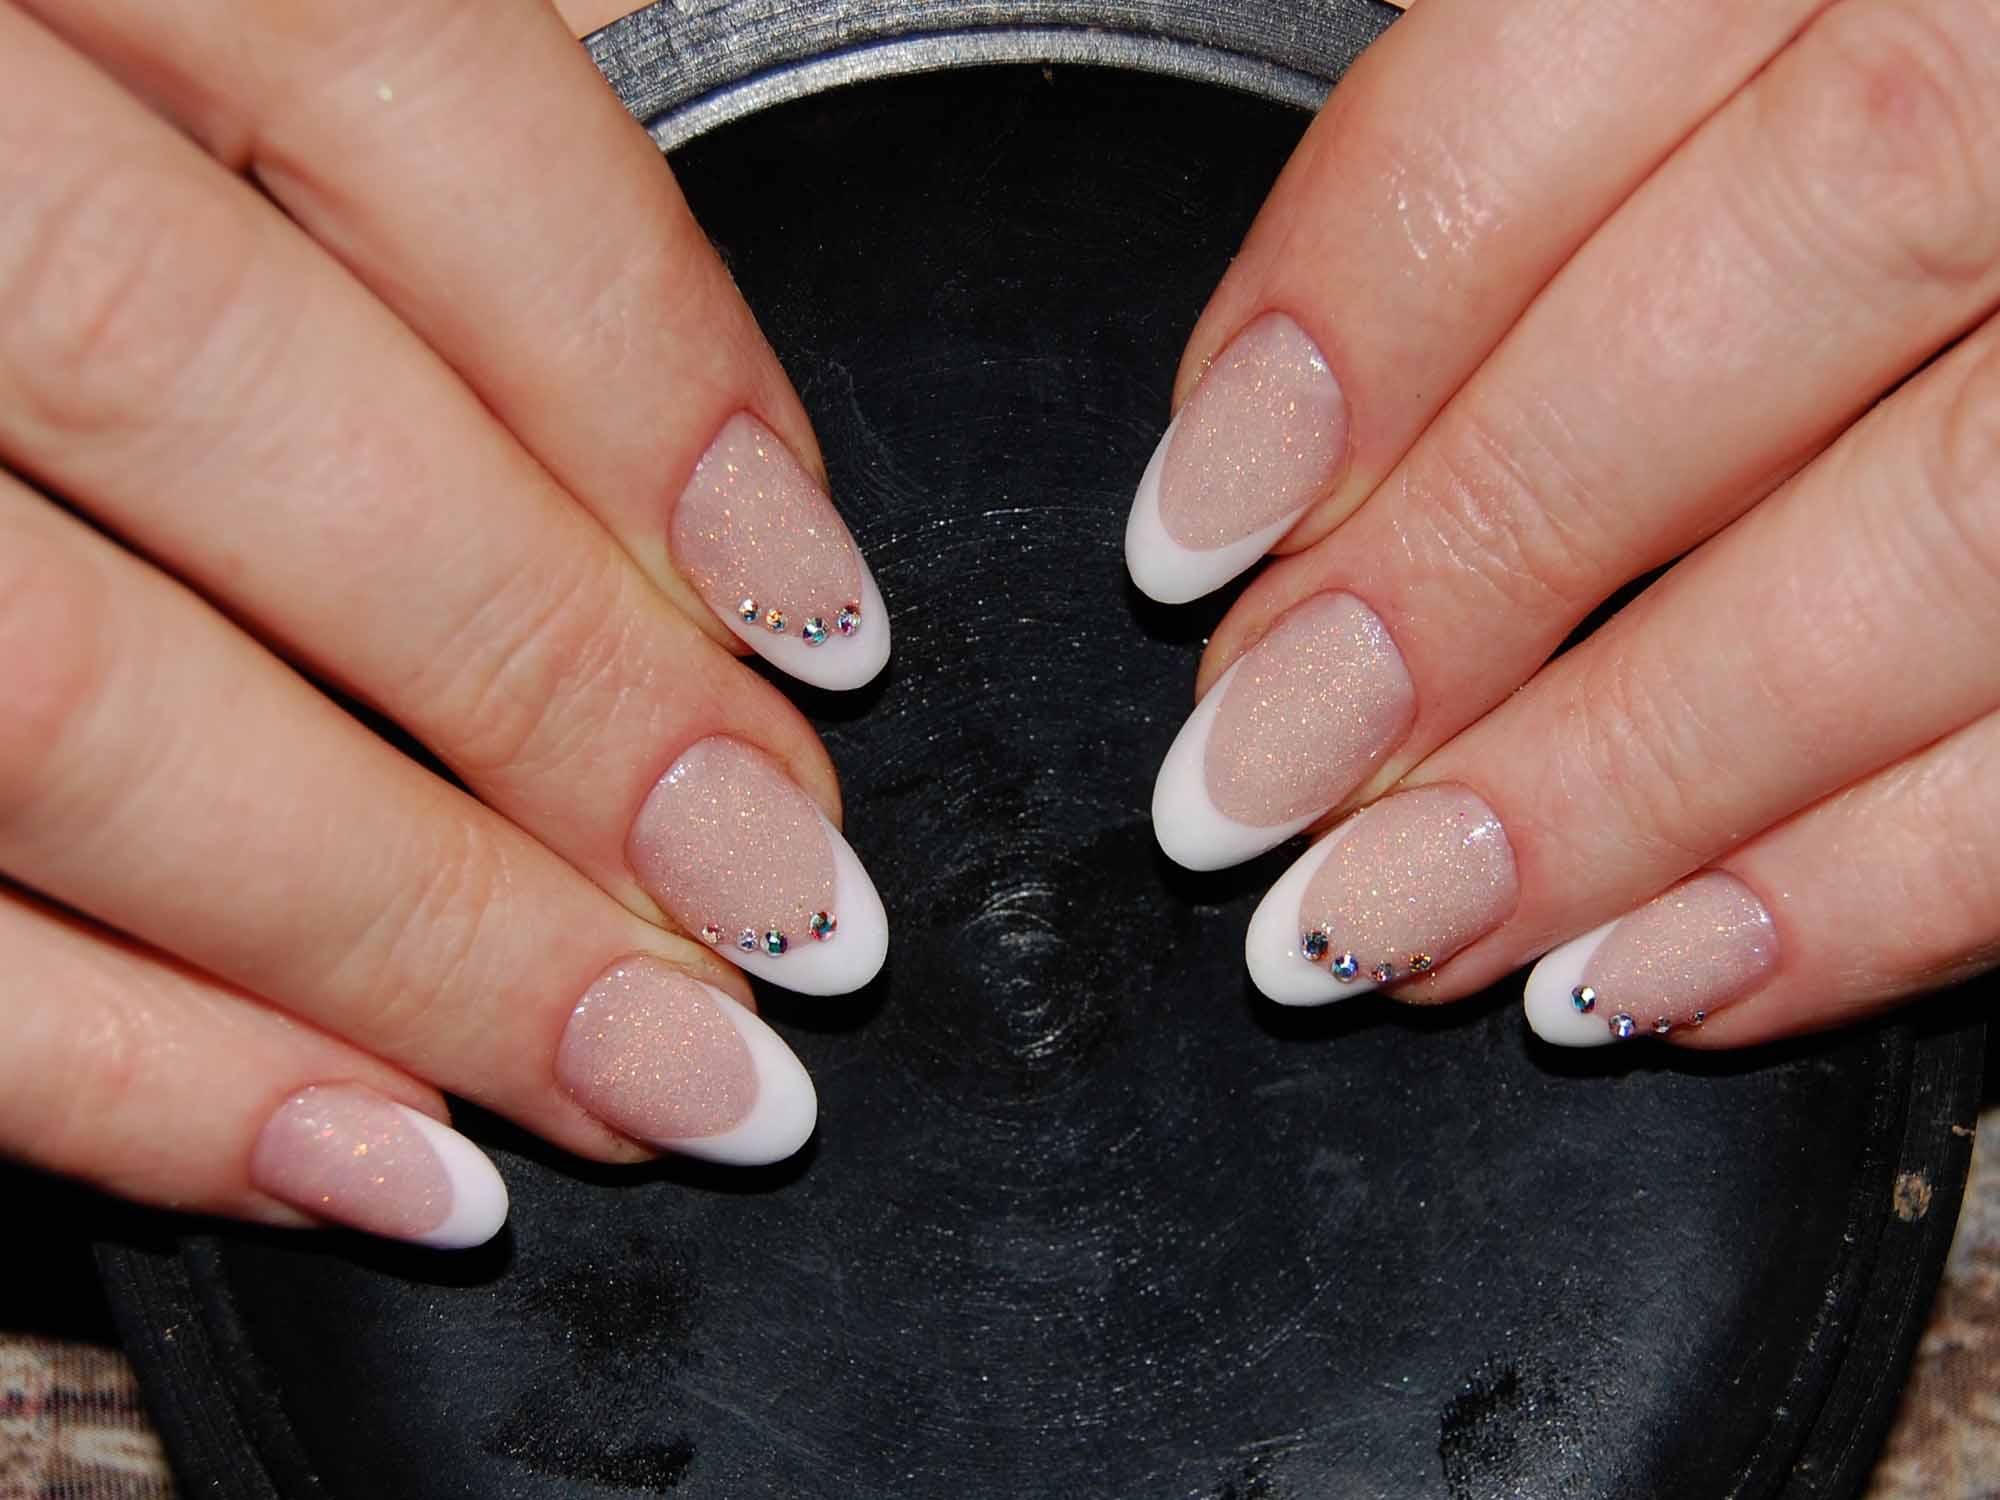 картинки нарощенных ногтей овальной формы фото подчеркнул